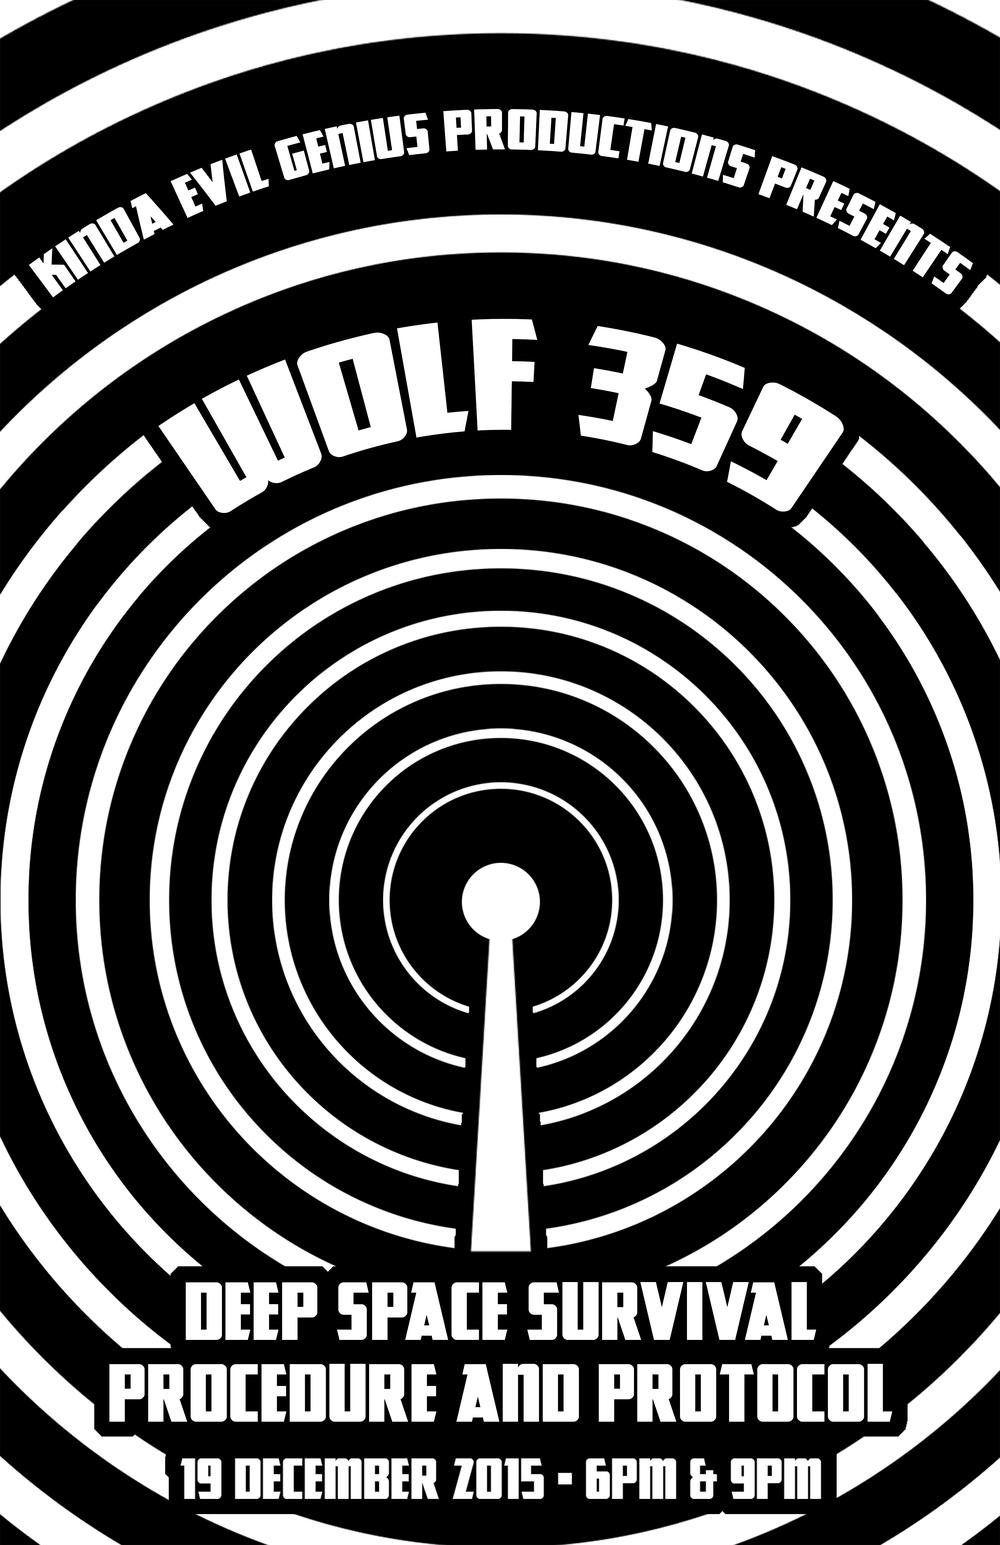 Wolf359-DeepSpaceSurvival-Poster